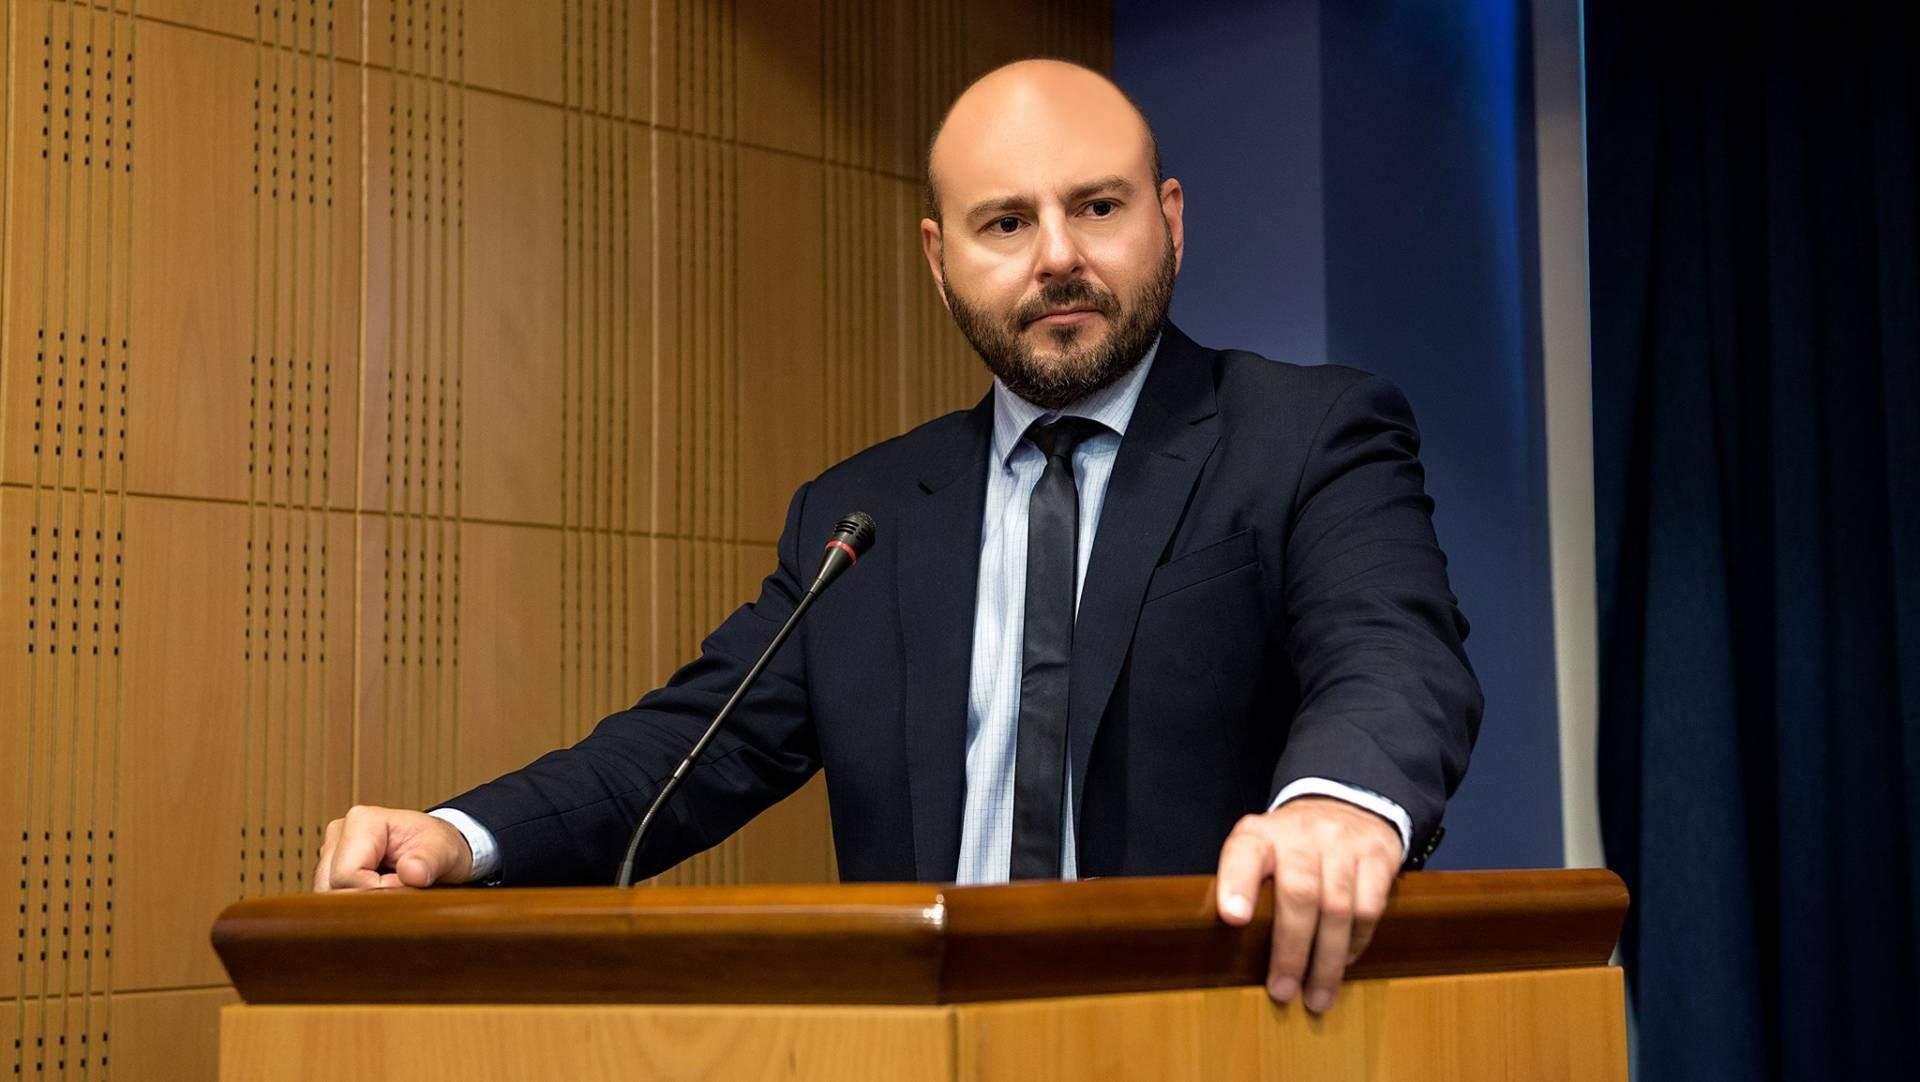 Αναβαθμίζω: Το Ελληνικό Κύμα Ανακαίνισης πρέπει να αντικαταστήσει το Εξοικονομώ Στασινός – ΤΕΕ: Ας είναι αυτό το τελευταίο «Εξοικονομώ» – οι ευρωπαϊκοί πόροι πρέπει να πετύχουν περισσότερα